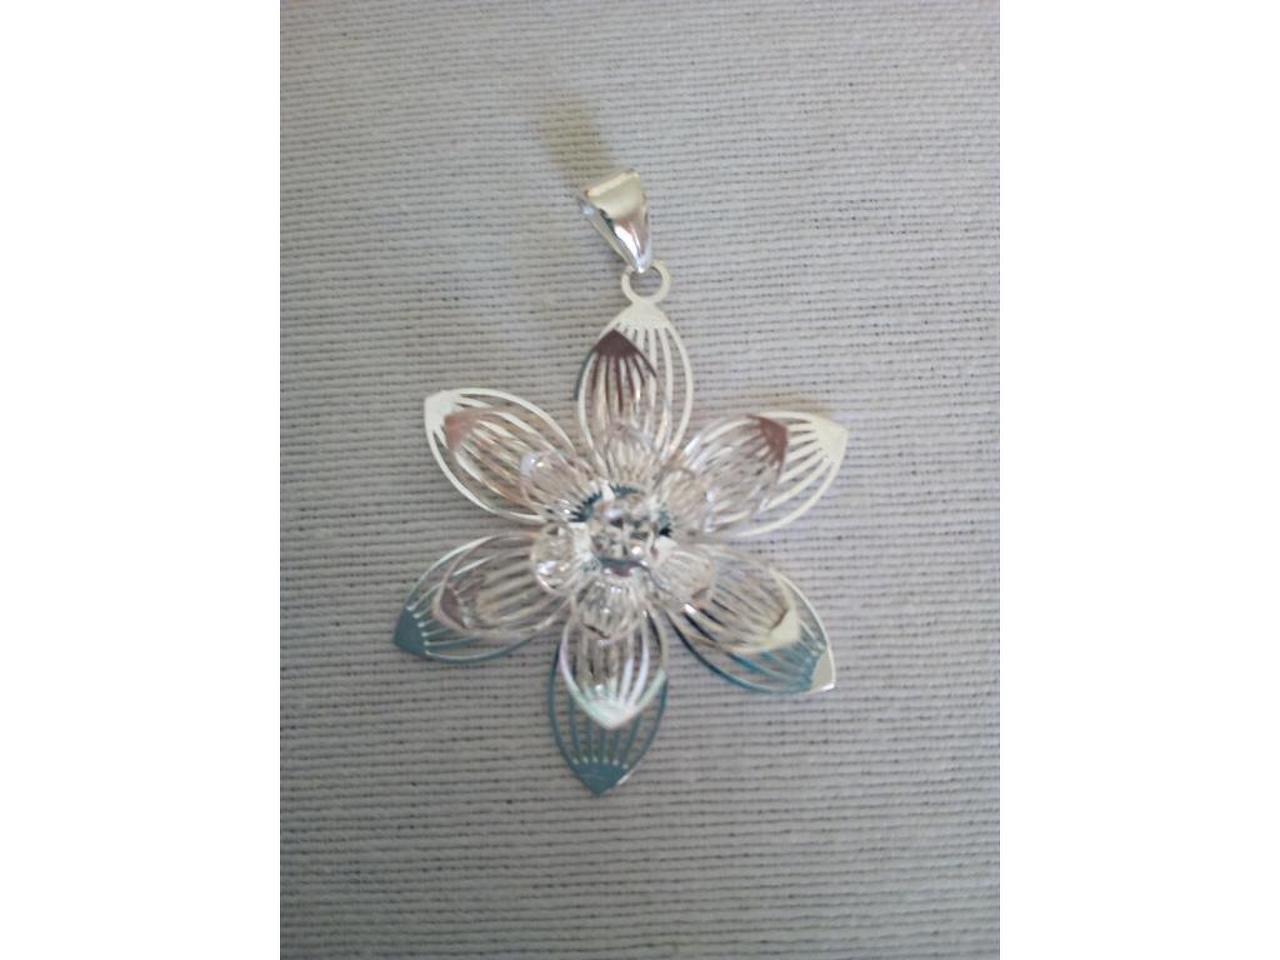 Brincos e berloque/pendente para colar/fio em prata. - 4/5